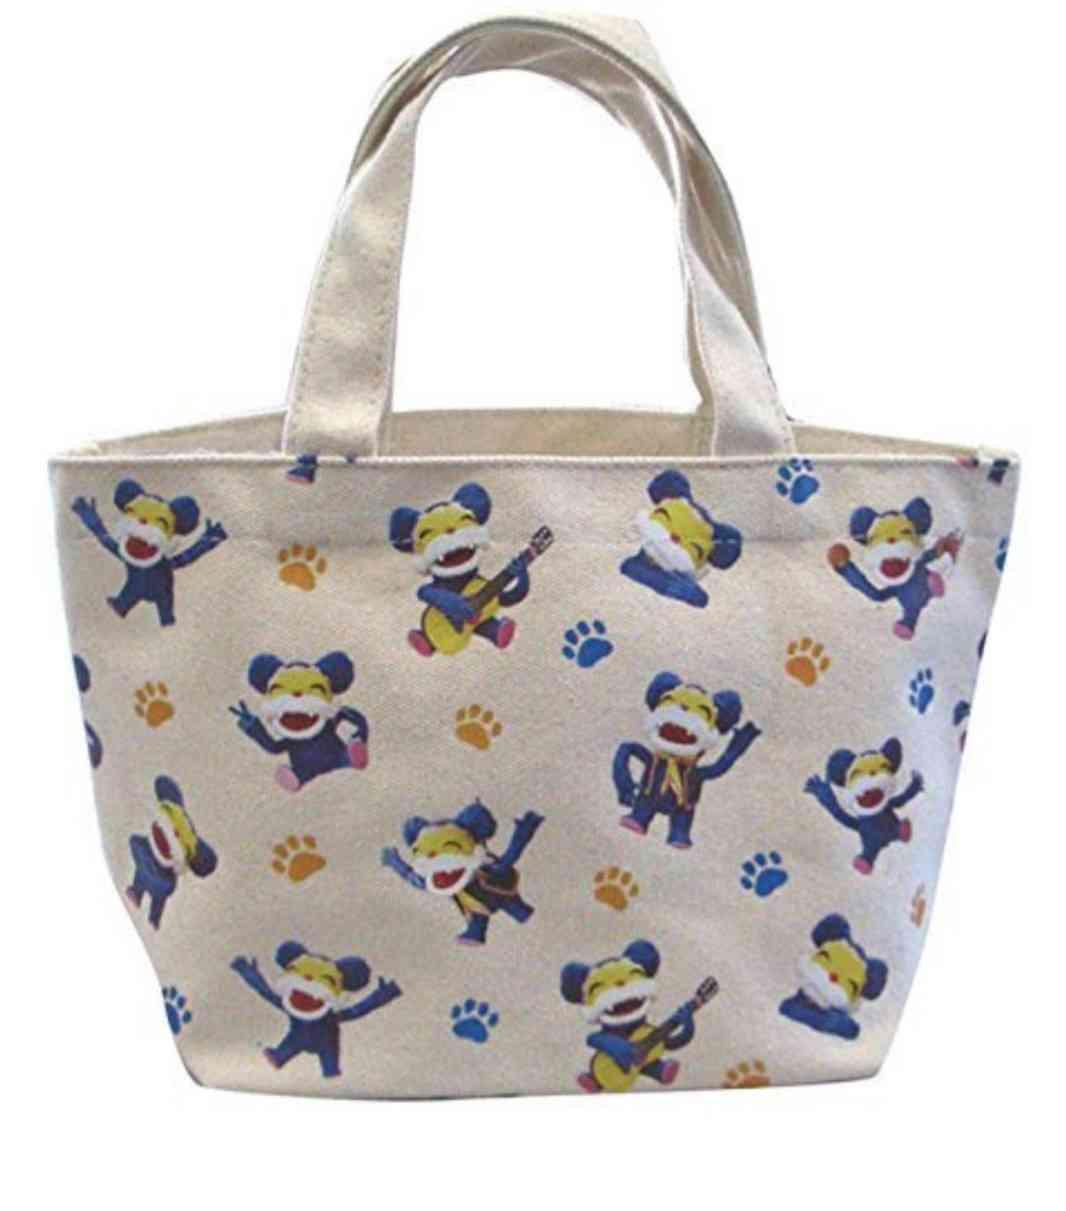 バッグの中にいくつキャラ物入っていますか?